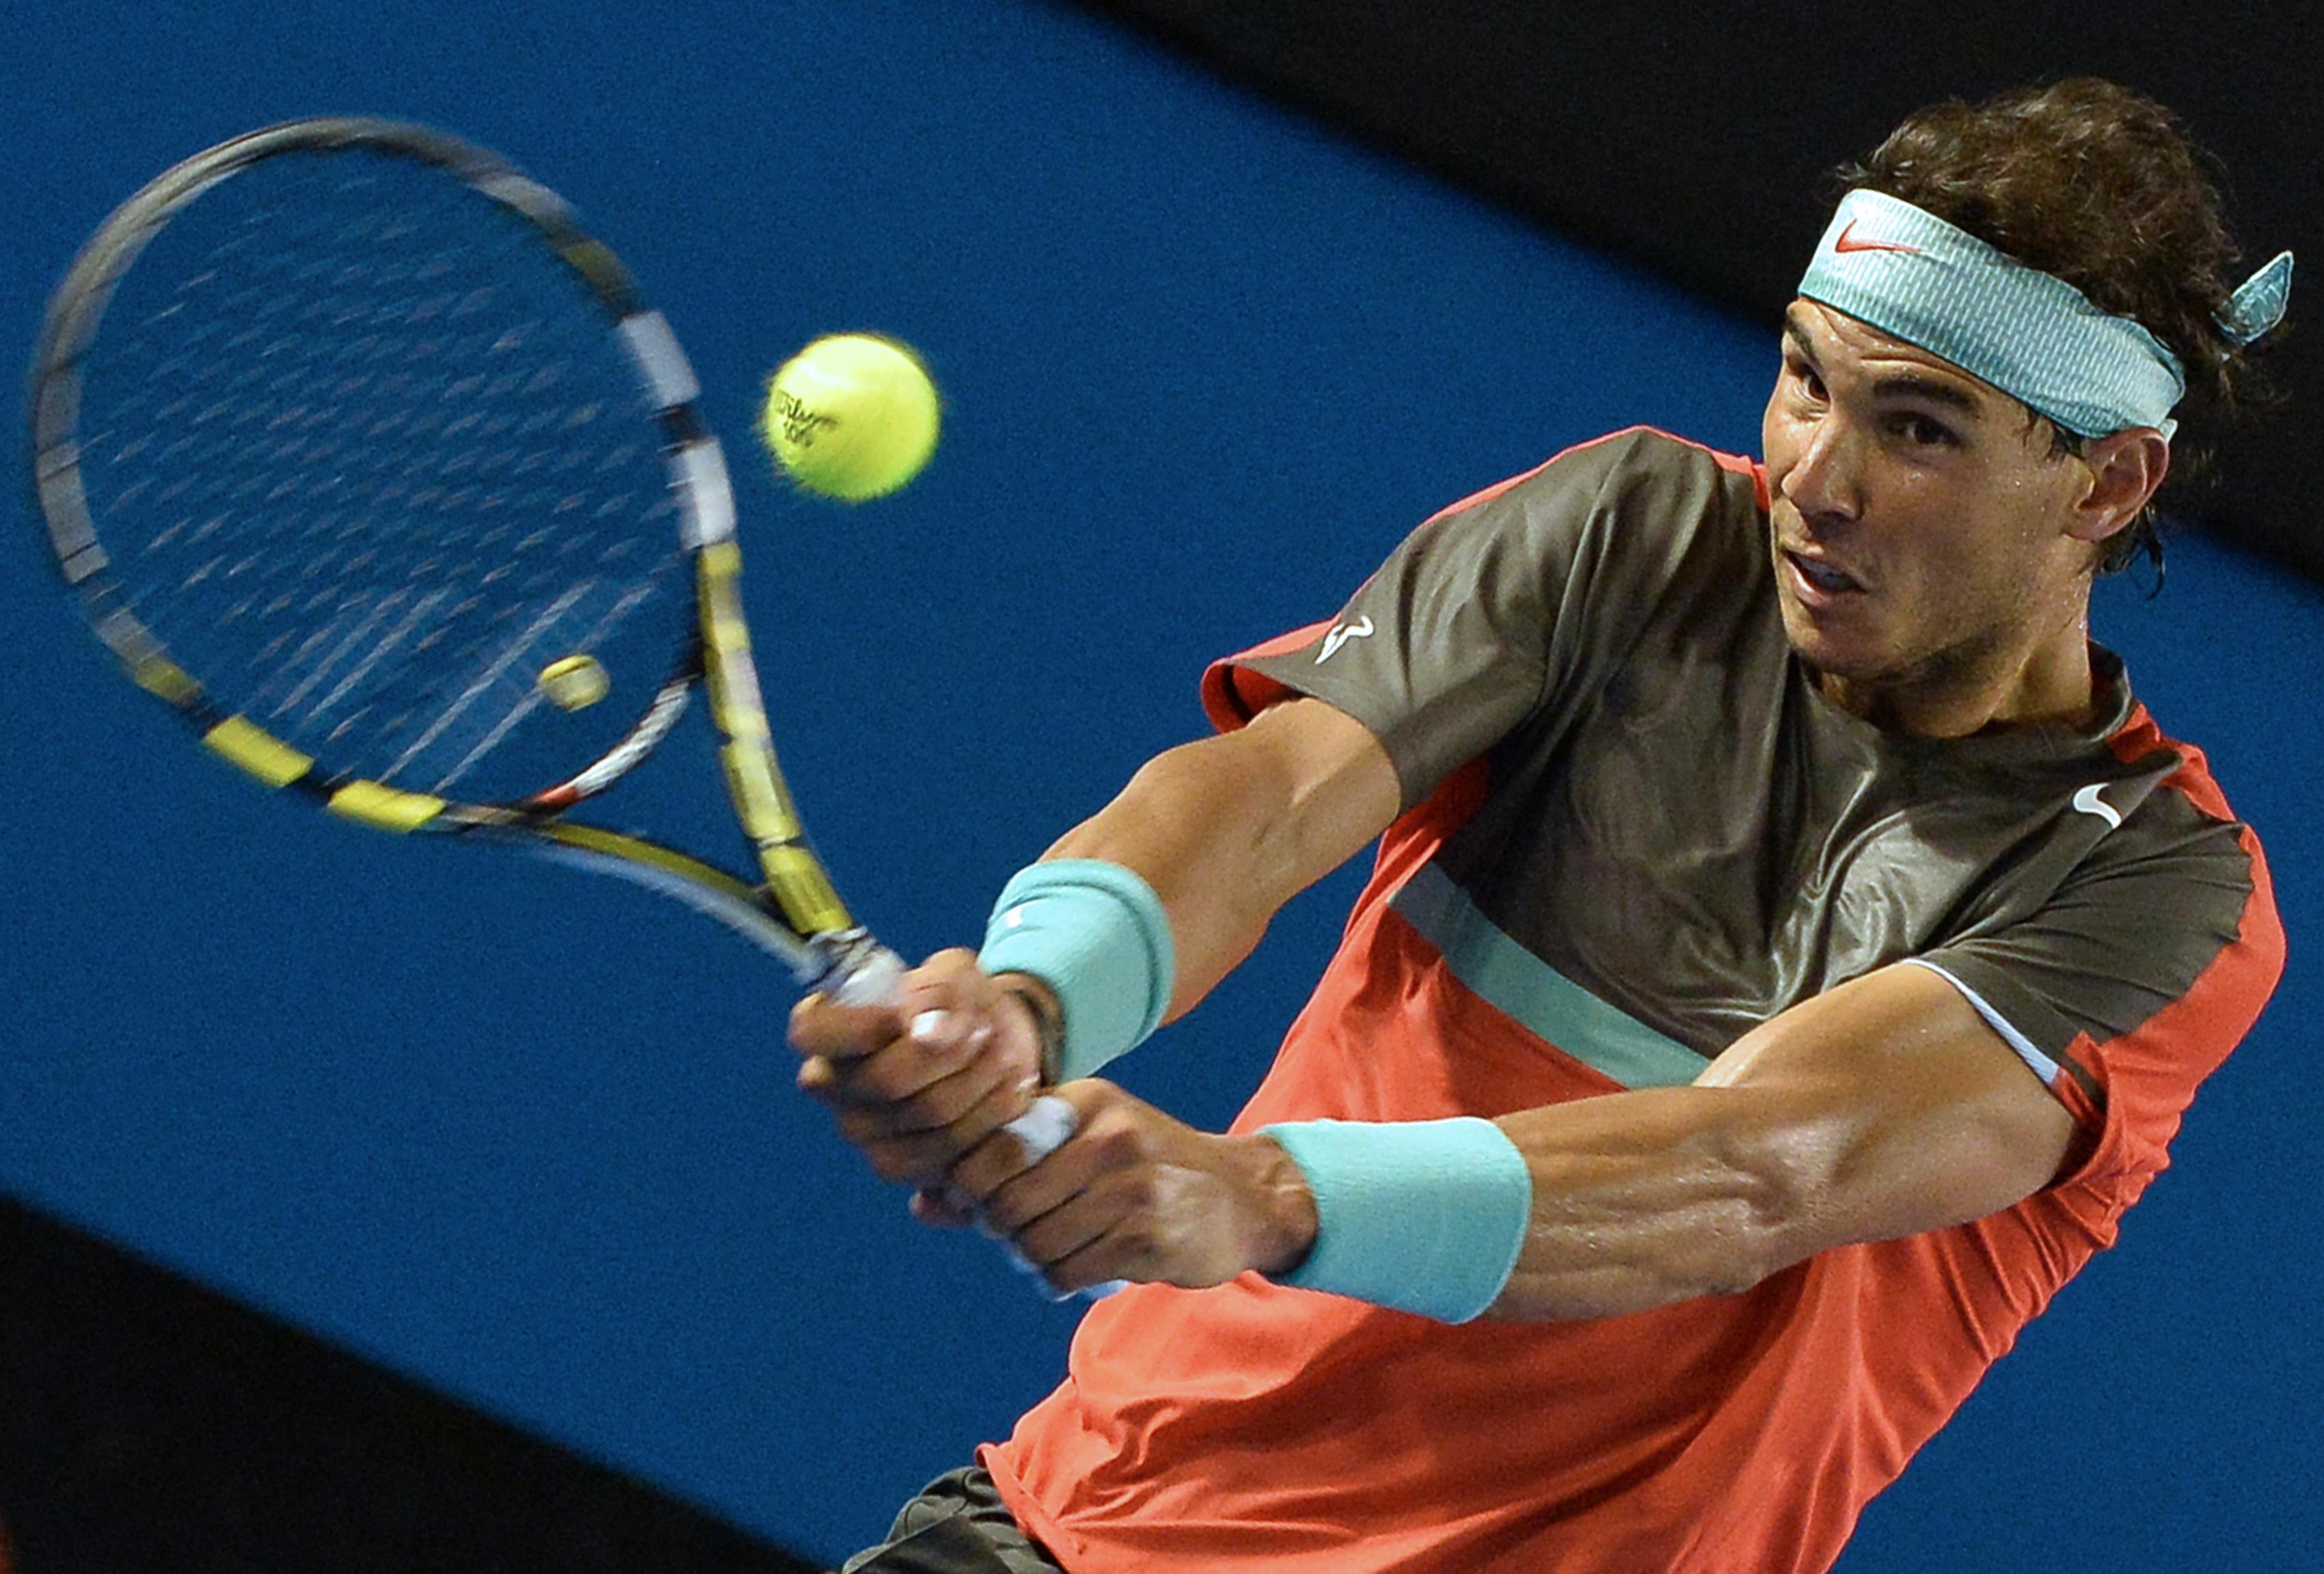 法国门将_纳达尔澳大利亚网球公开赛中漂亮的回击_虎扑其他新闻